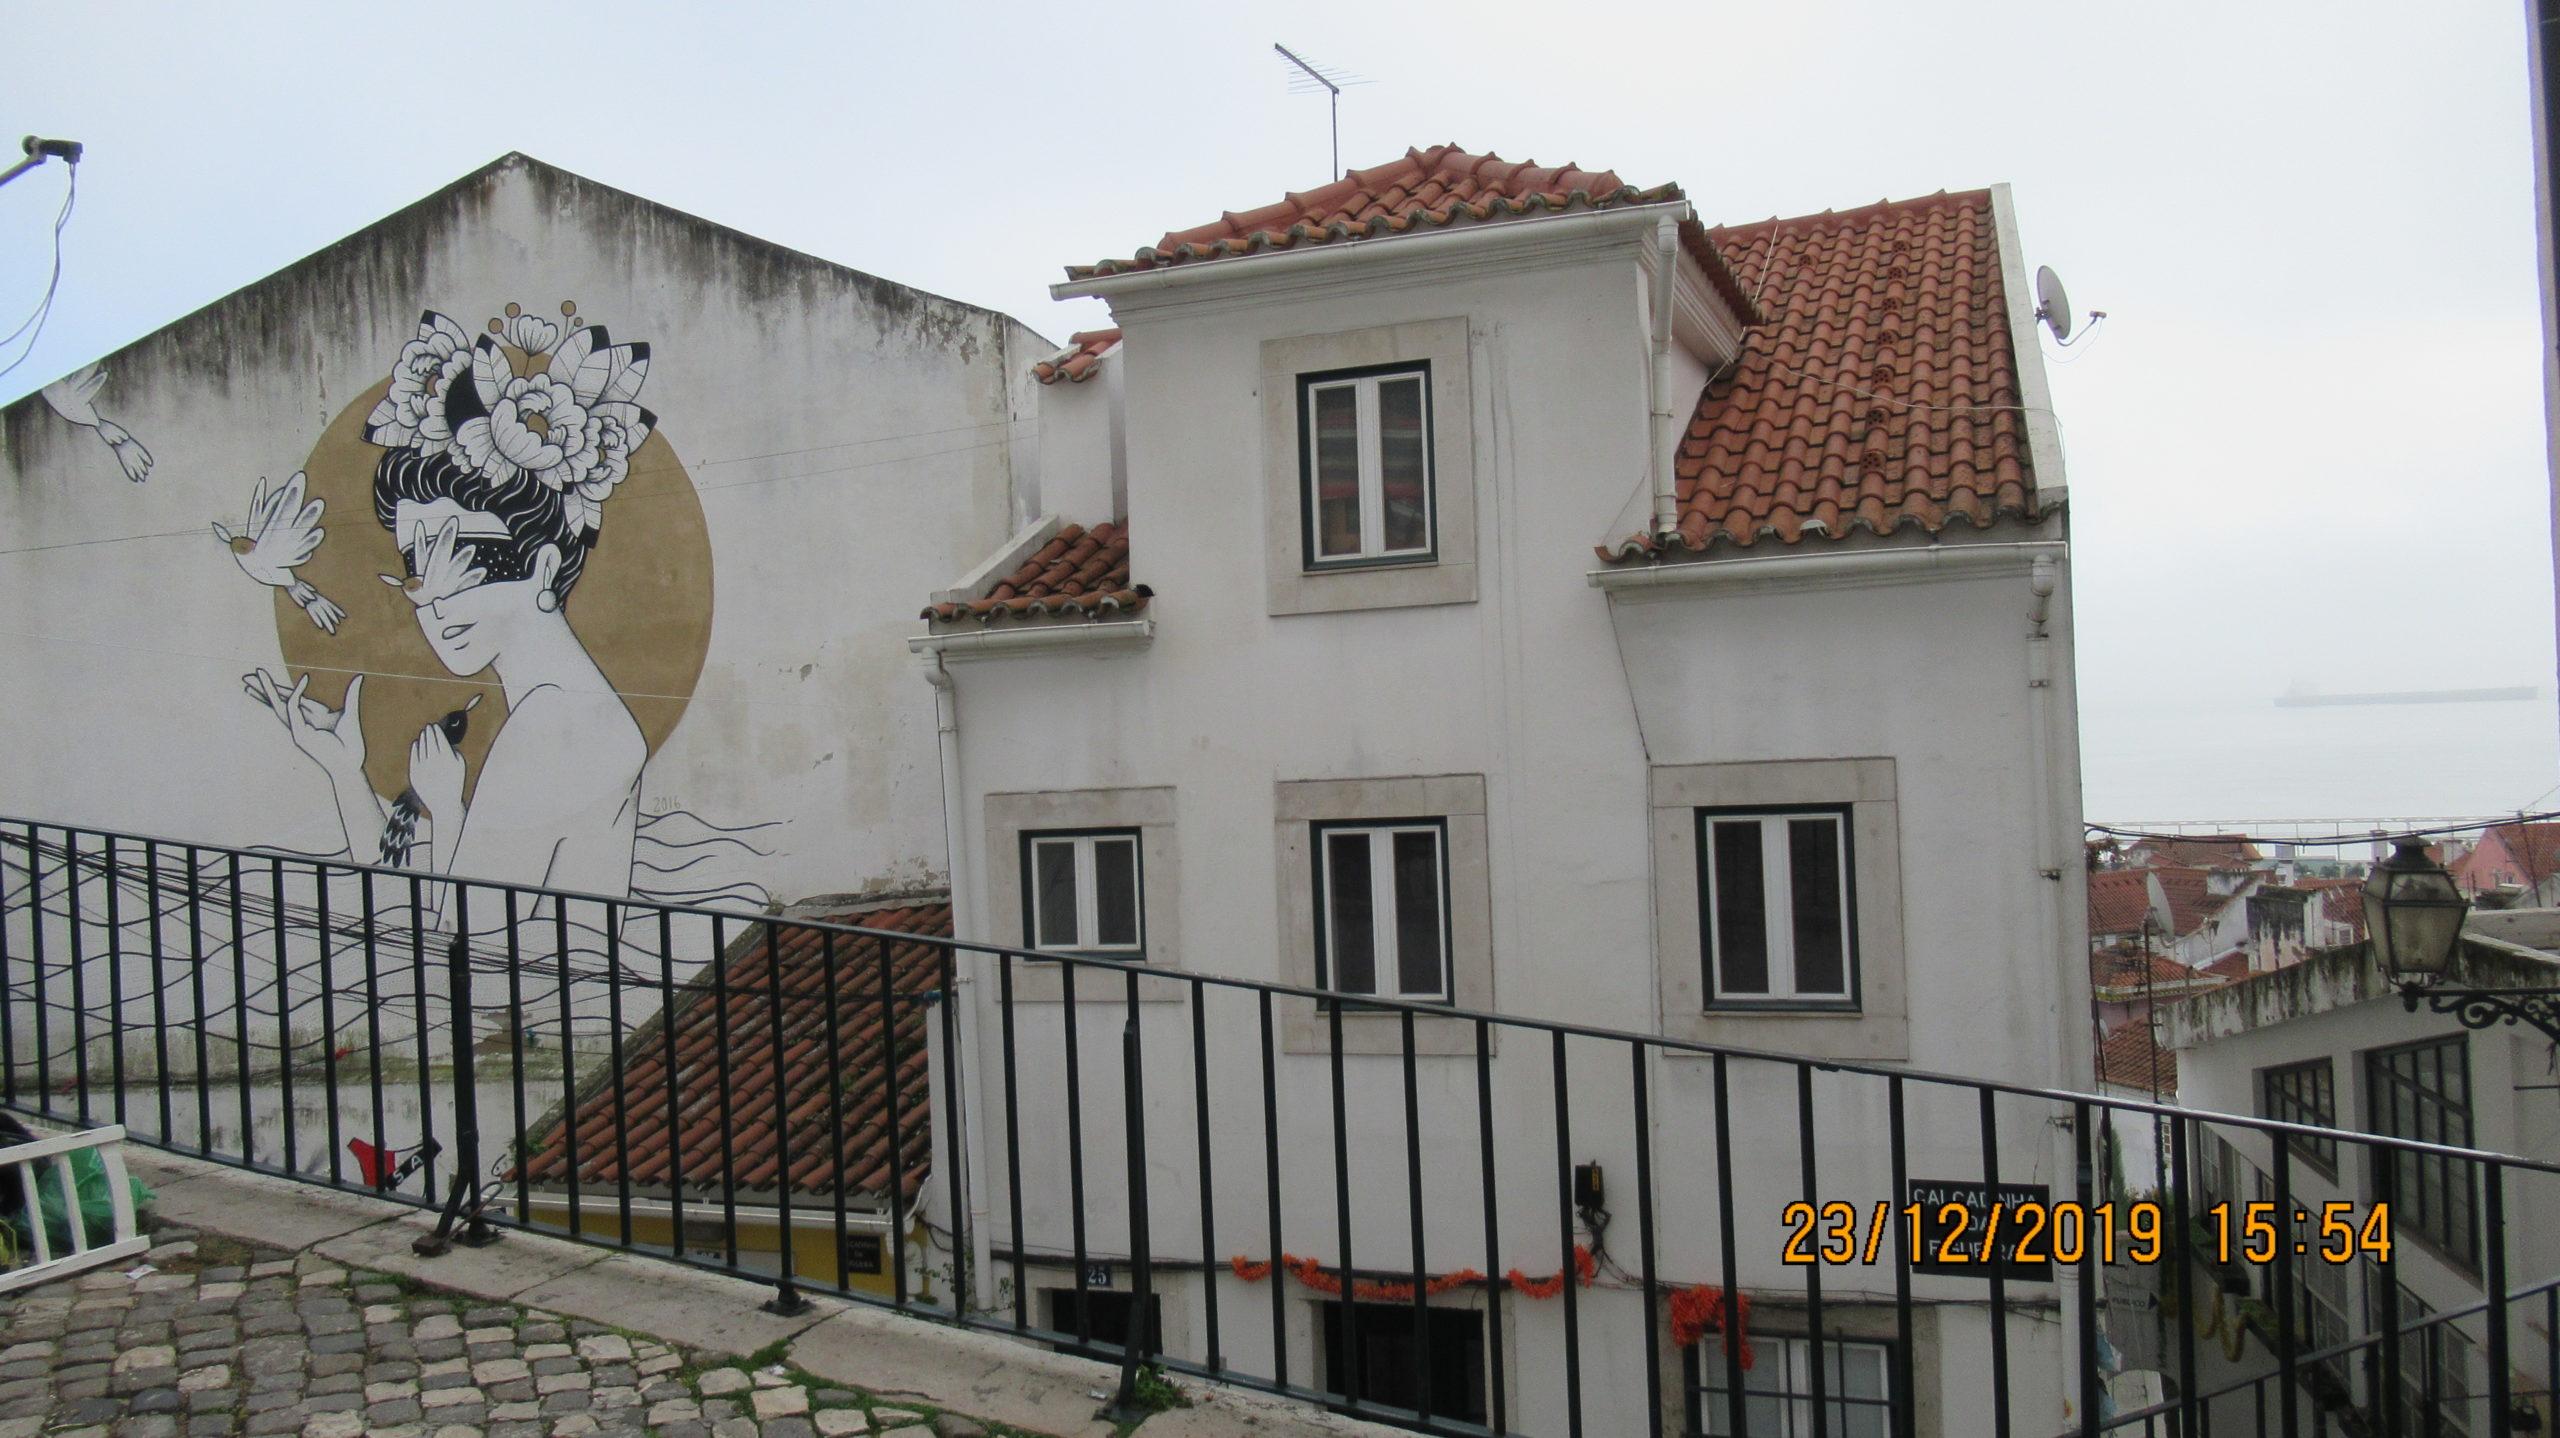 Лиссабонские заметки. Обзорная экскурсия по городу.